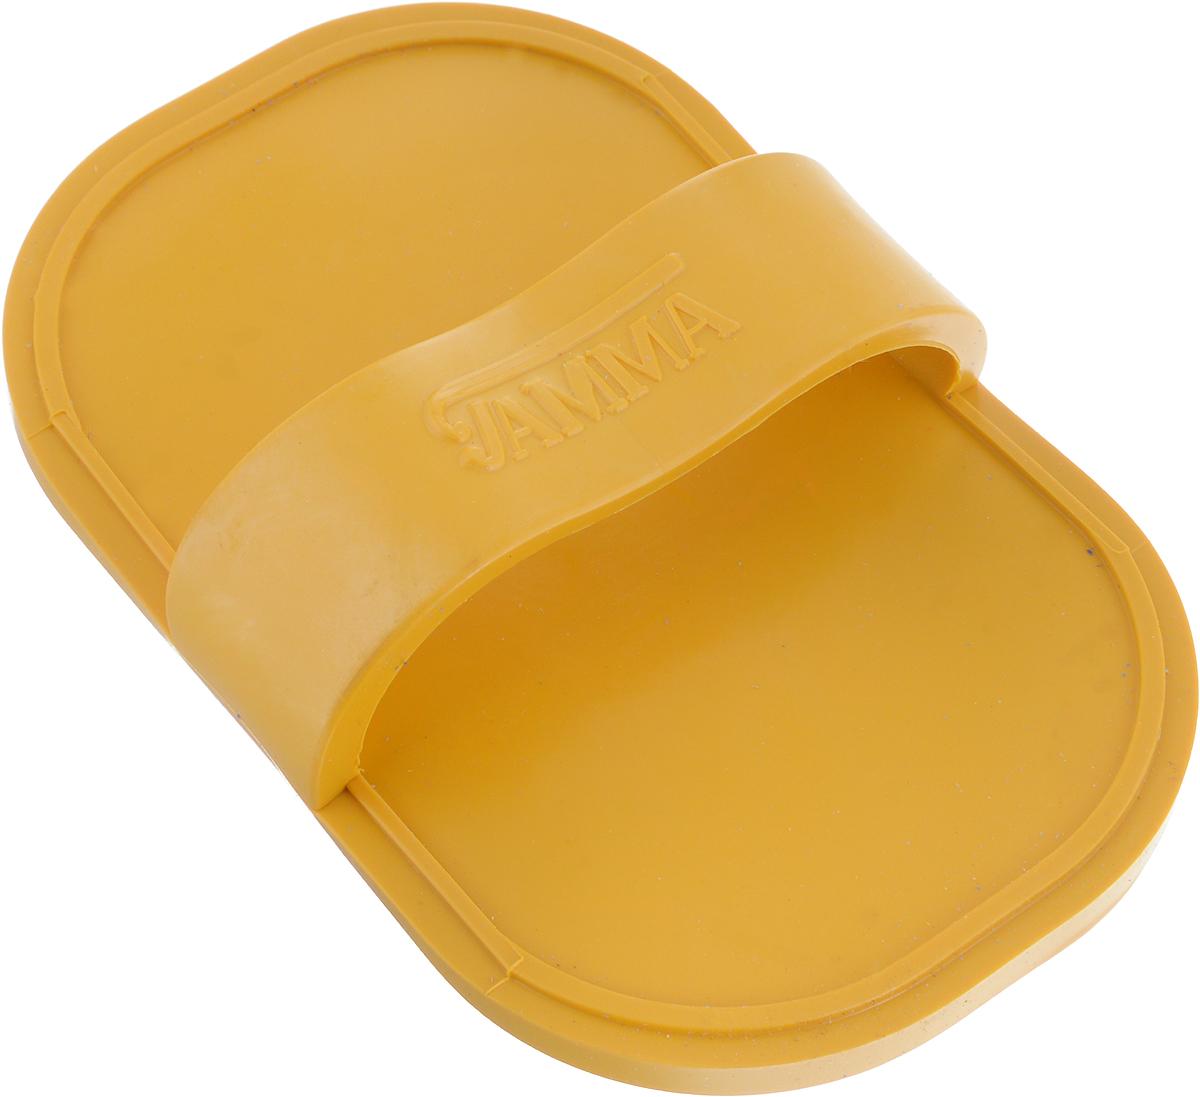 Щетка для животных Гамма, большая, цвет: желтый, 17 х 10,5 х 4,5 смЩг-15500_желтыйМассажная щетка для животных Гамма выполнена из качественного безопасного материала, не травмирующего кожу животного. Щётку удобно держать на руке с помощью специальной лямке.Компактный размер позволяет брать щетку с собой в дорогу. Размер щетки: 17 х 10,5 х 4,5 см.Длина зубчиков: 6 мм.